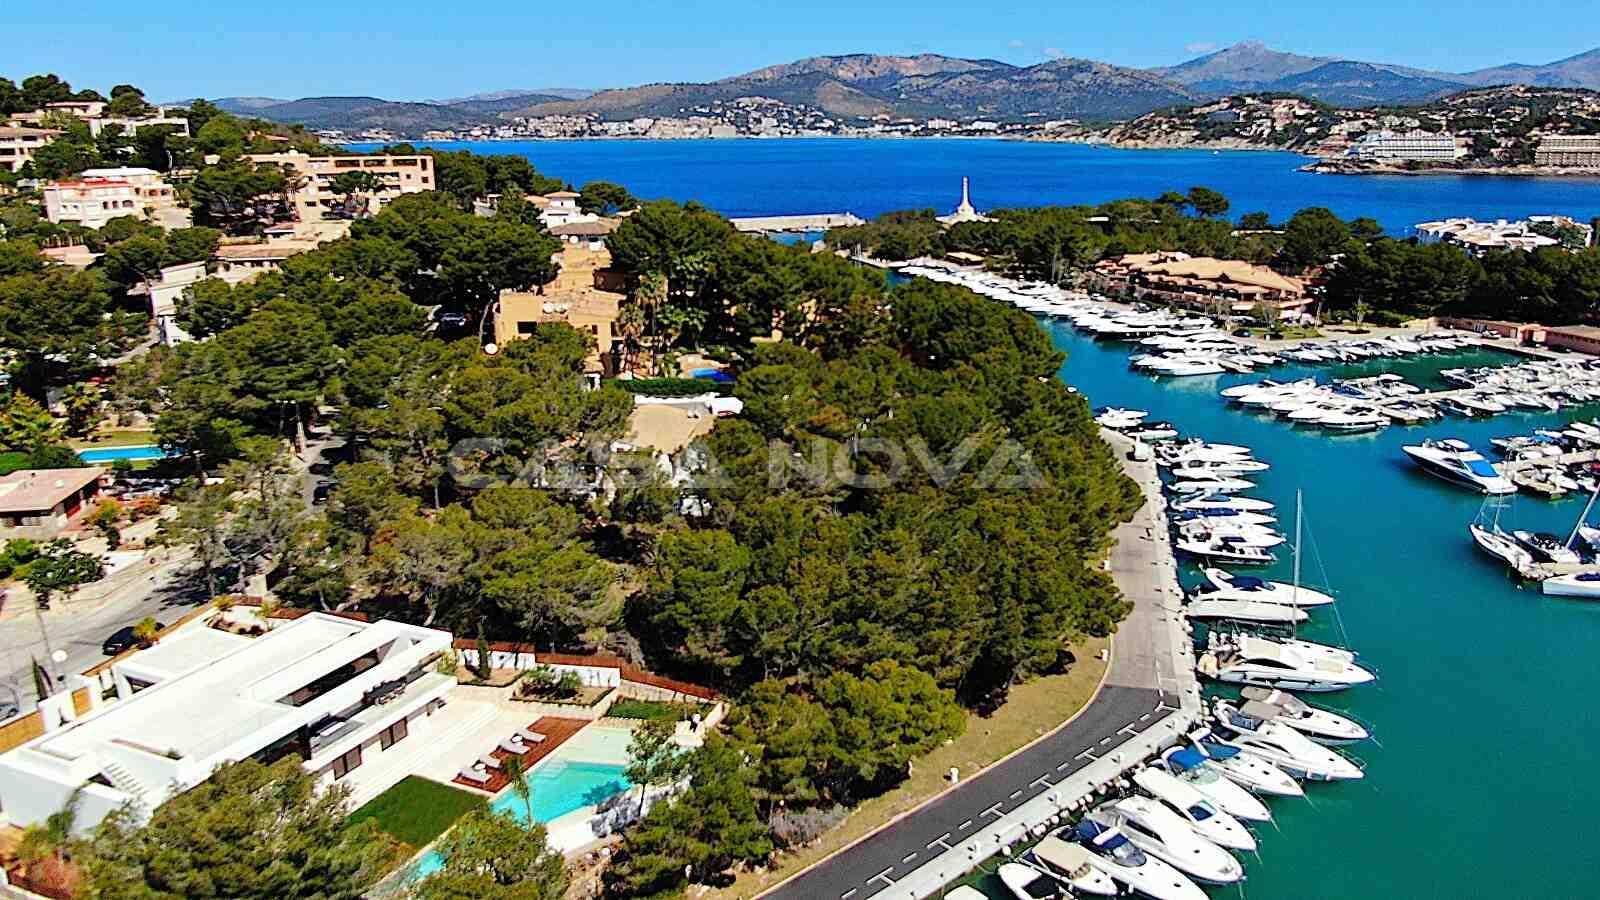 Ref. 2402530 - Toller Weitblicküber Santa Ponsa und die Hafenumgebung